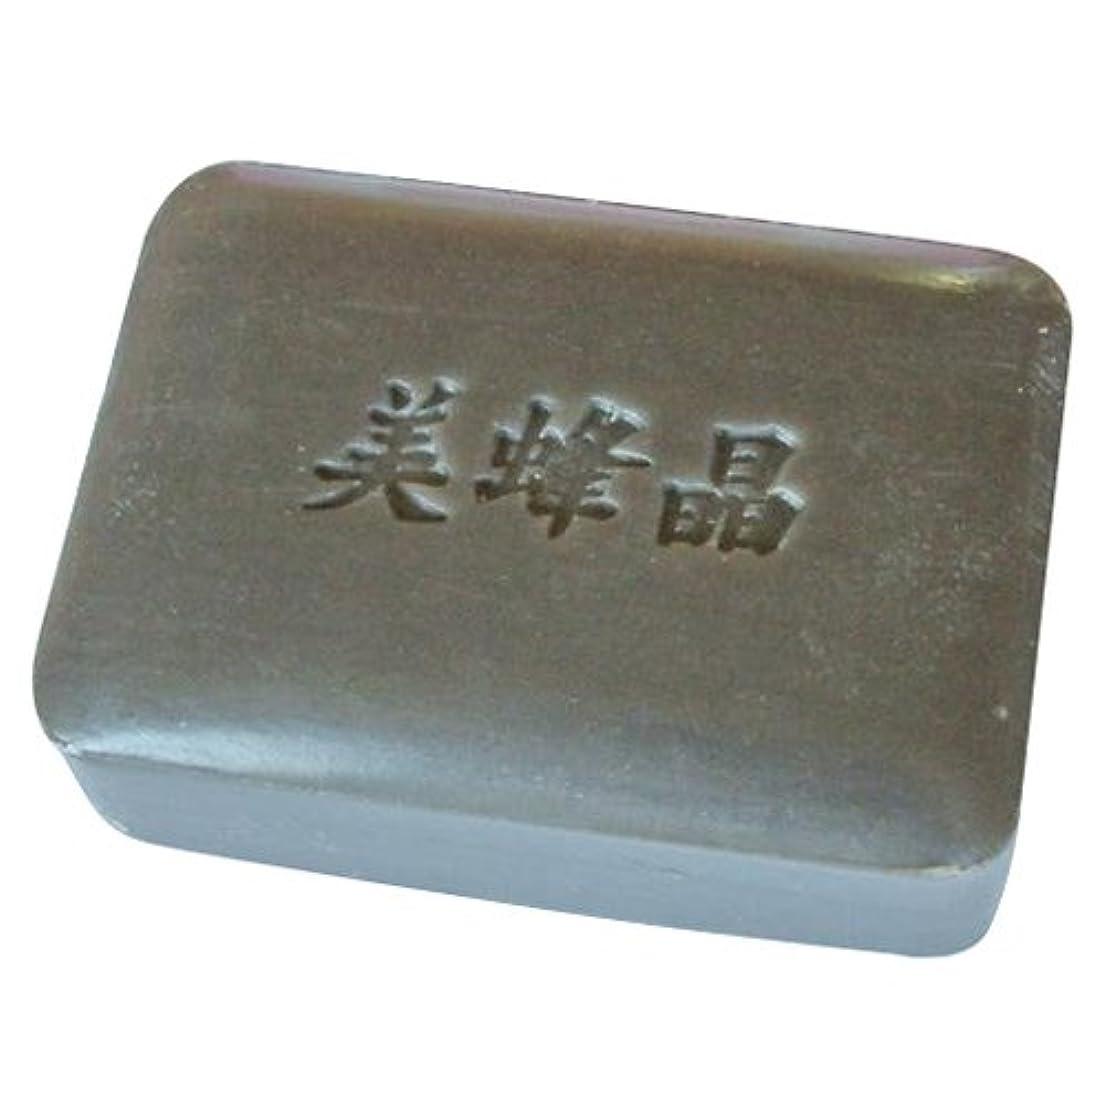 平行思い出す知覚的鈴木養蜂場 プロポリス石鹸 美蜂晶100g 2個セット